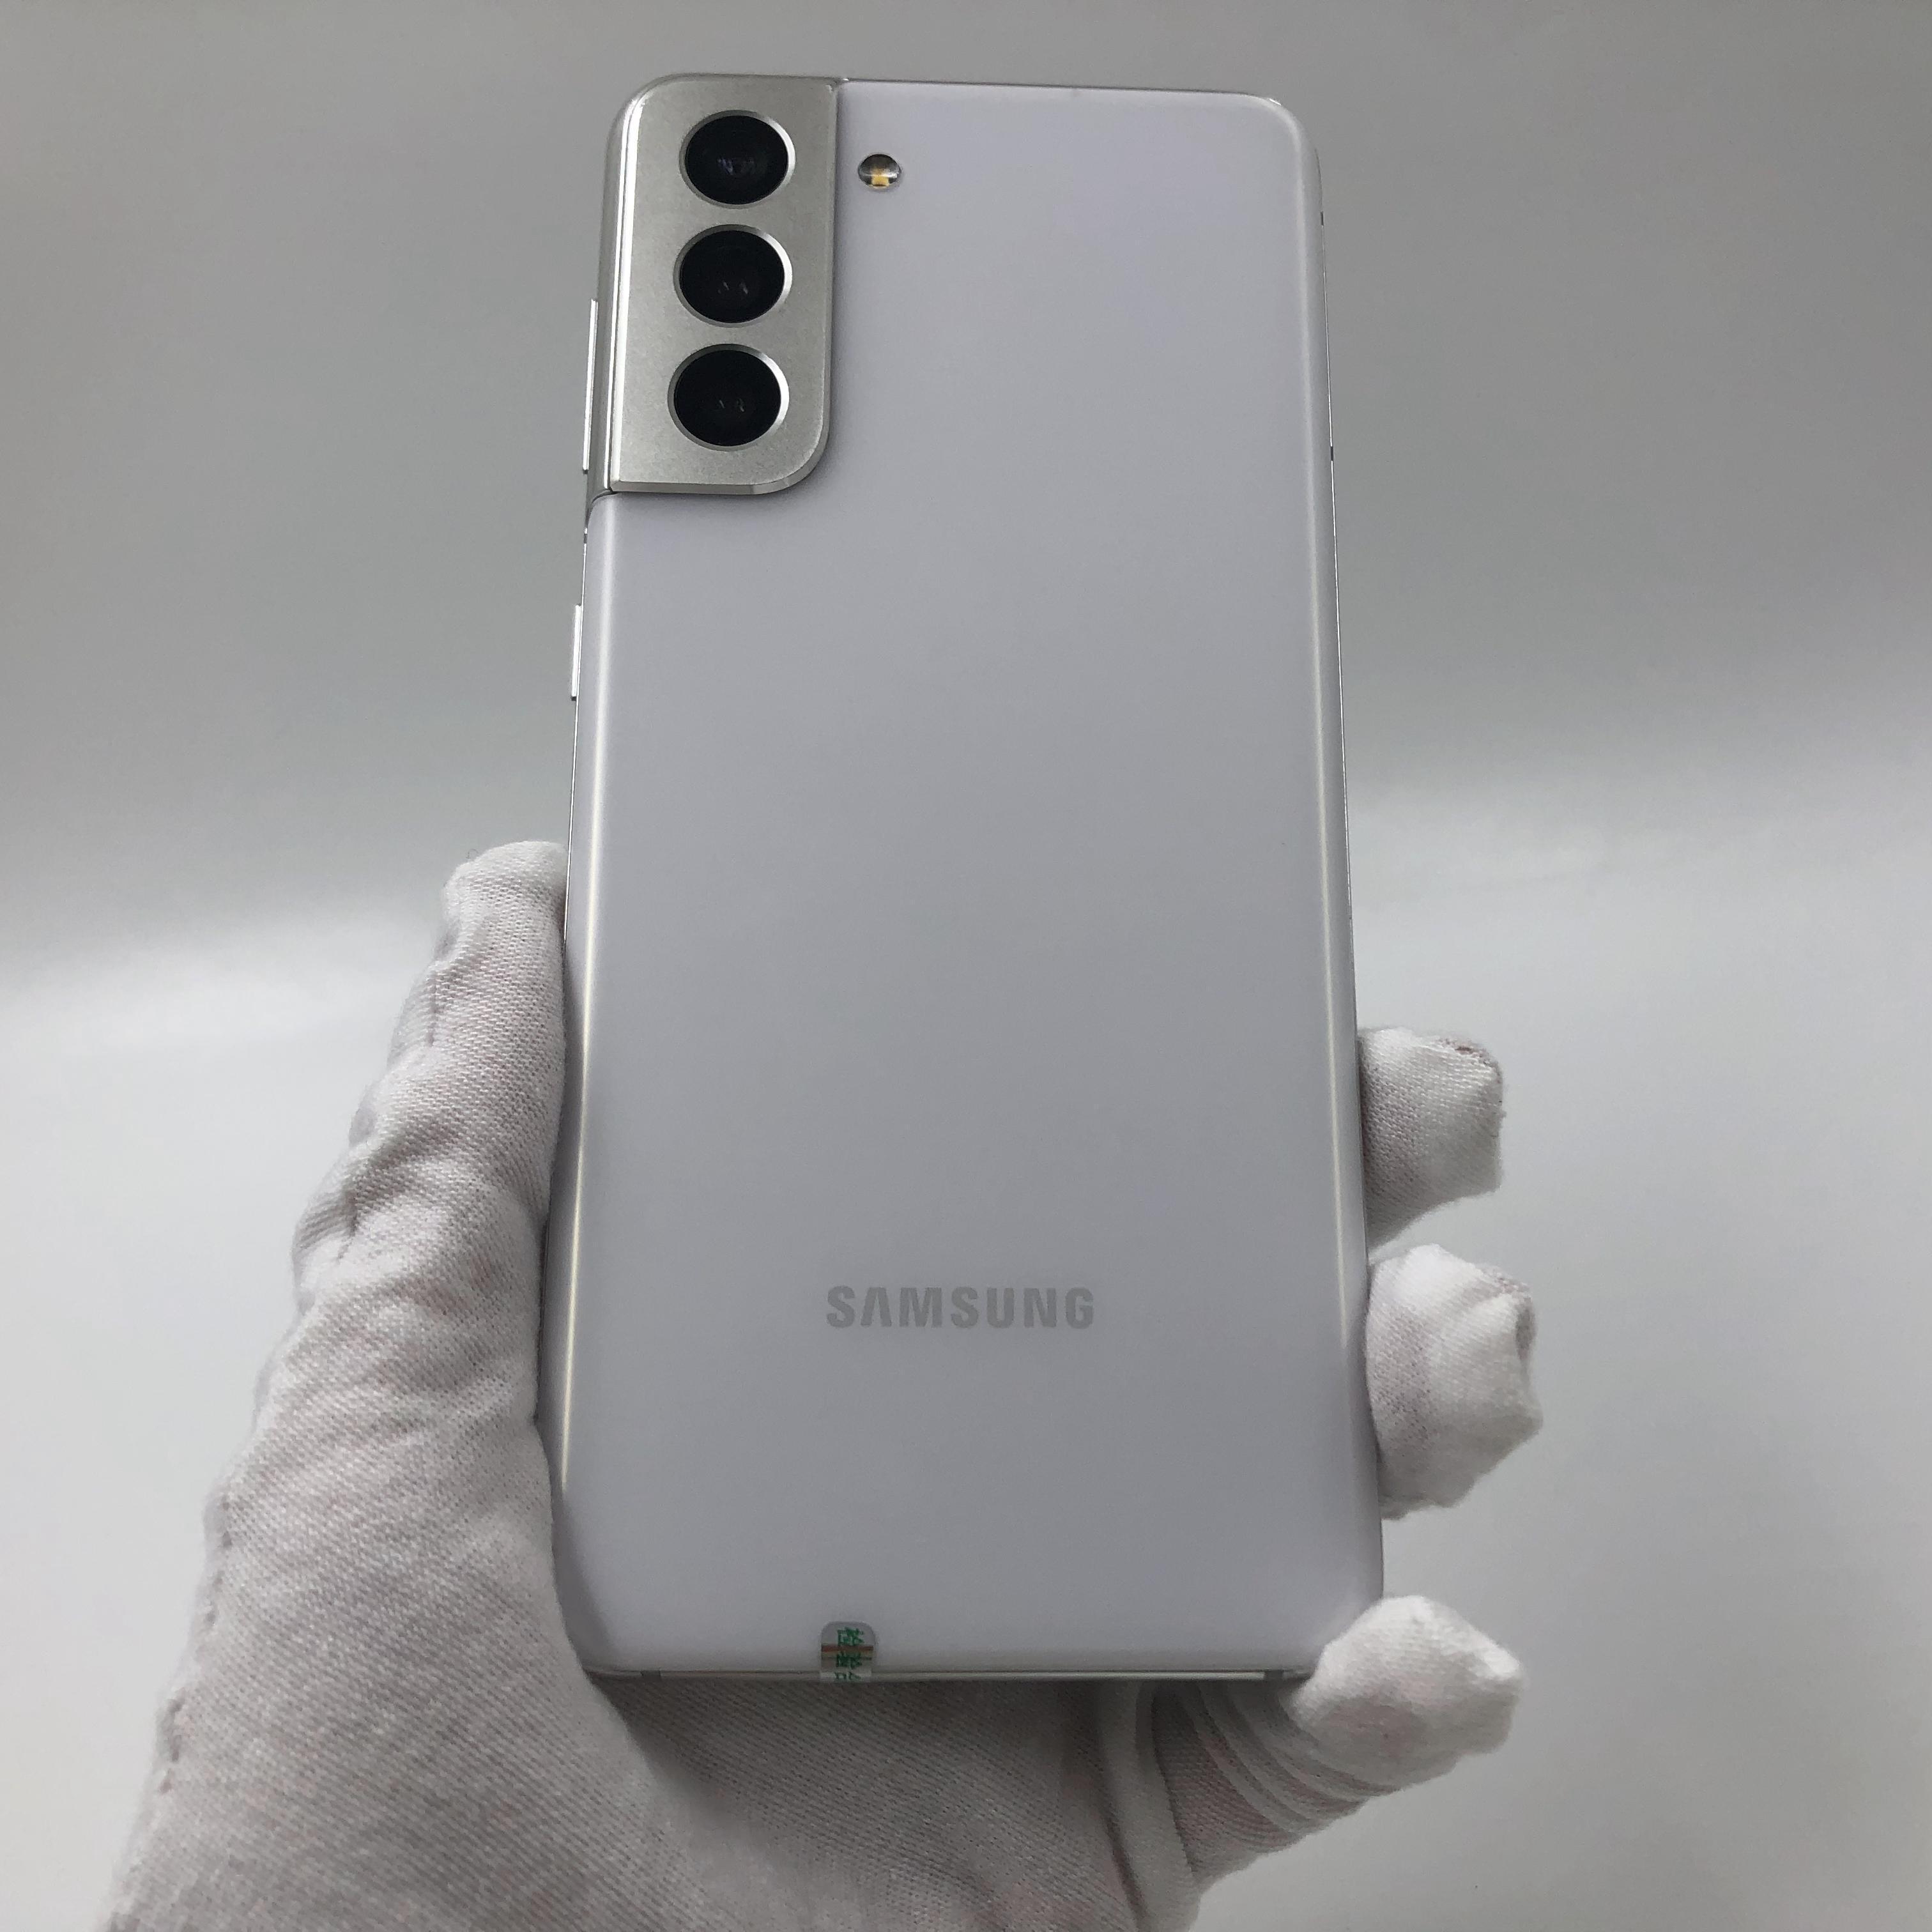 三星【Galaxy S21 5G】5G全网通 丝雾白 8G/128G 国行 95新 真机实拍